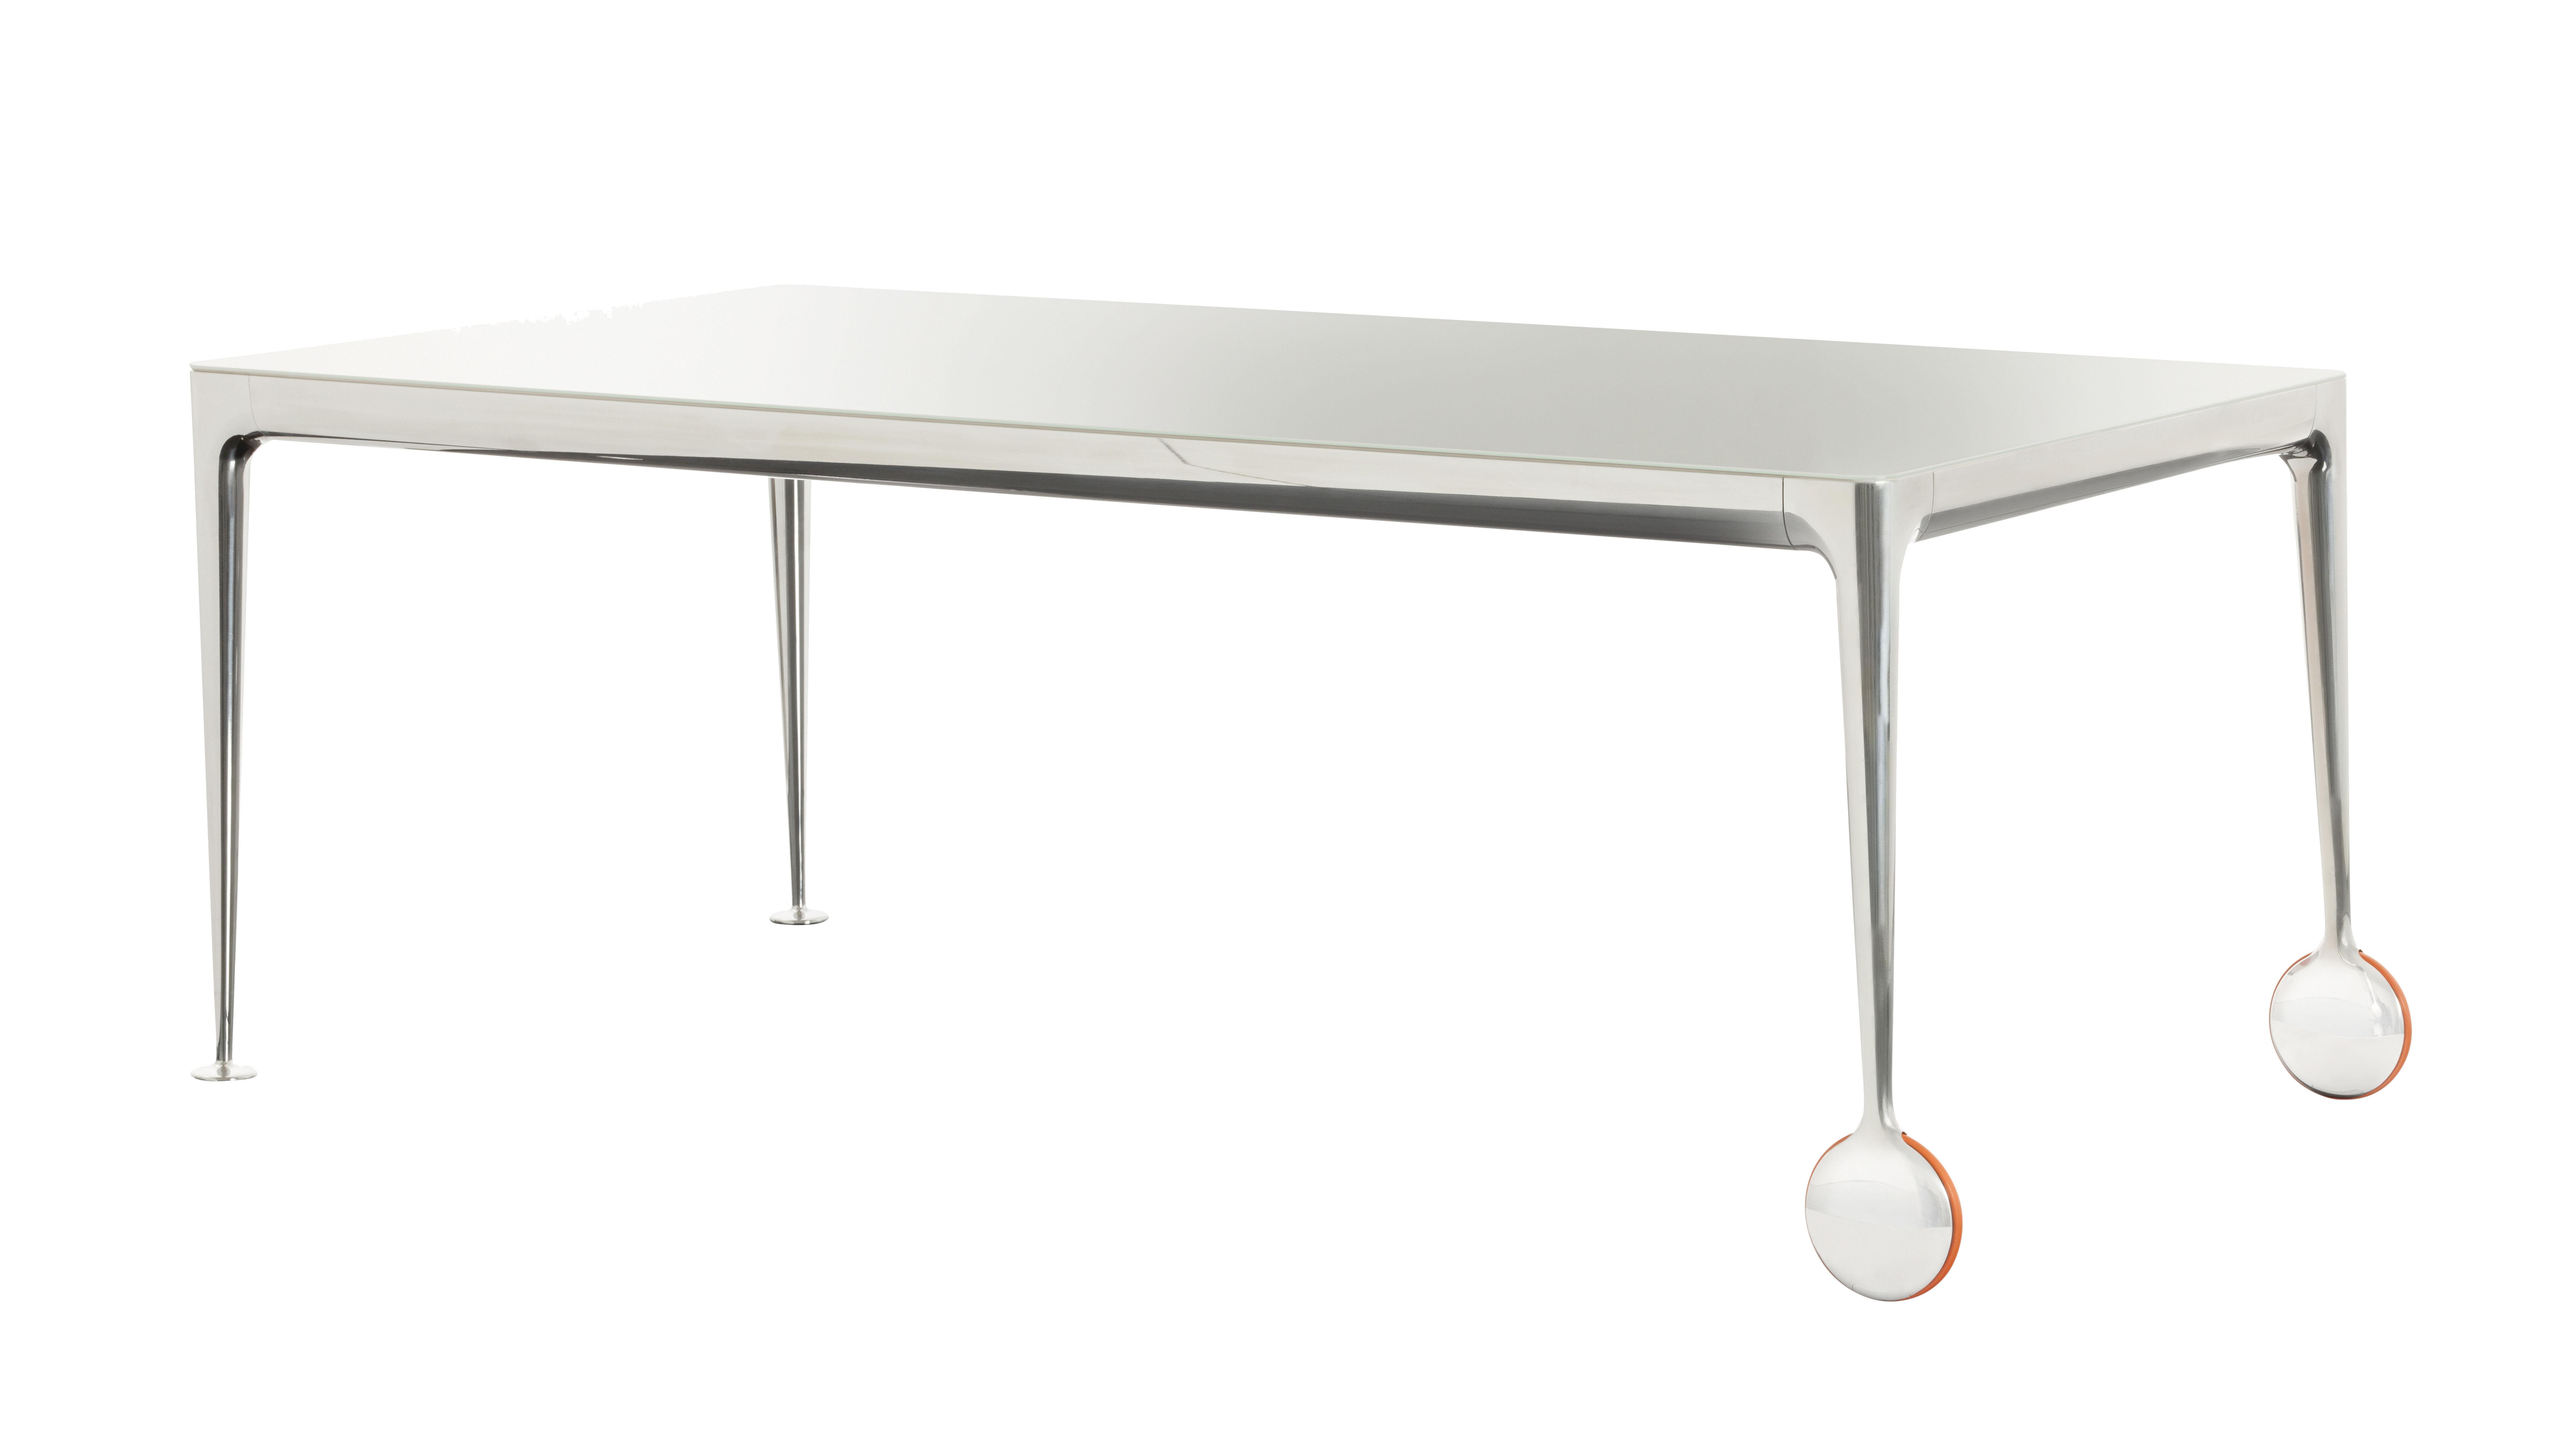 aktion - Die Top 100 des Herbstes - Big Will rechteckiger Tisch / 200 x 100 cm - Magis - Tischplatte weiß / Tischbeine Aluminium poliert - Einscheiben-Sicherheitsglas, Kautschuk, poliertes Gussaluminium